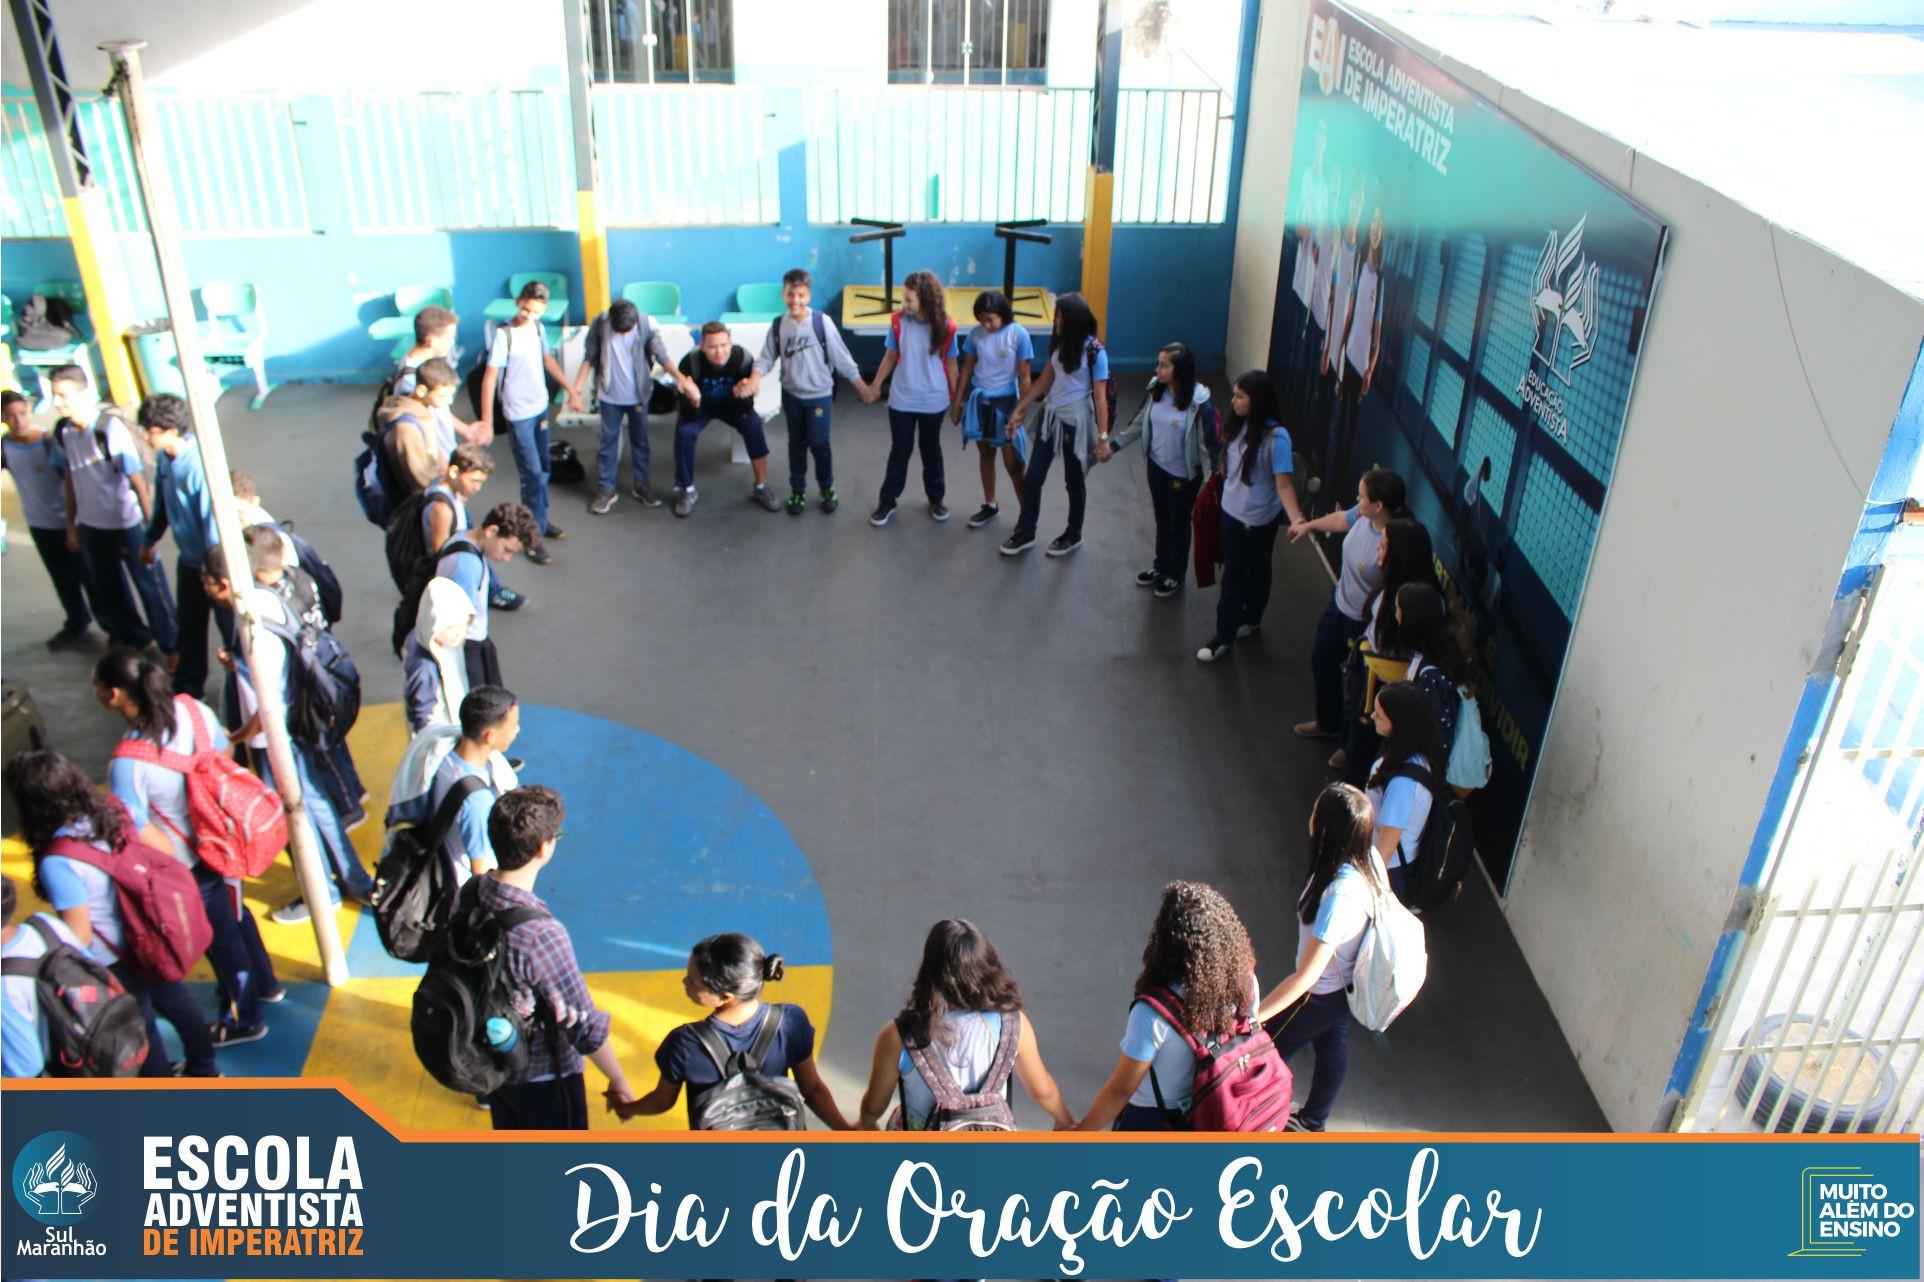 Dia da Oração Escolar